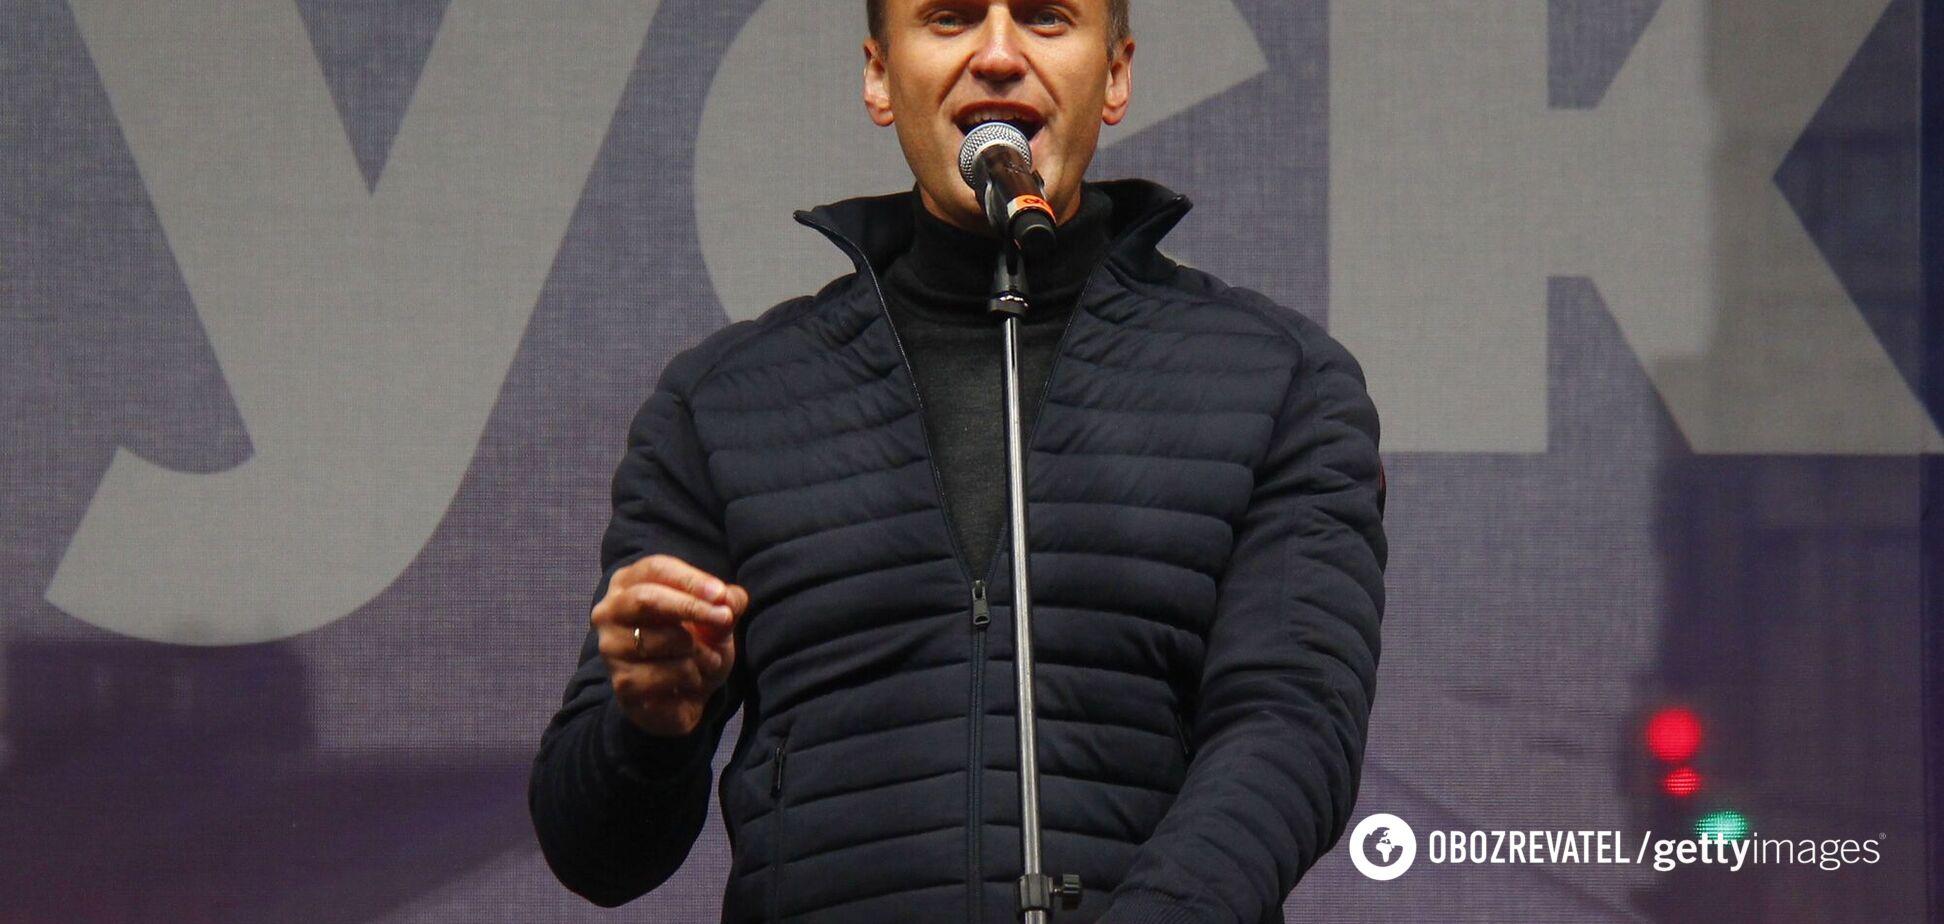 Задача все-таки была убить Навального, не напугать...